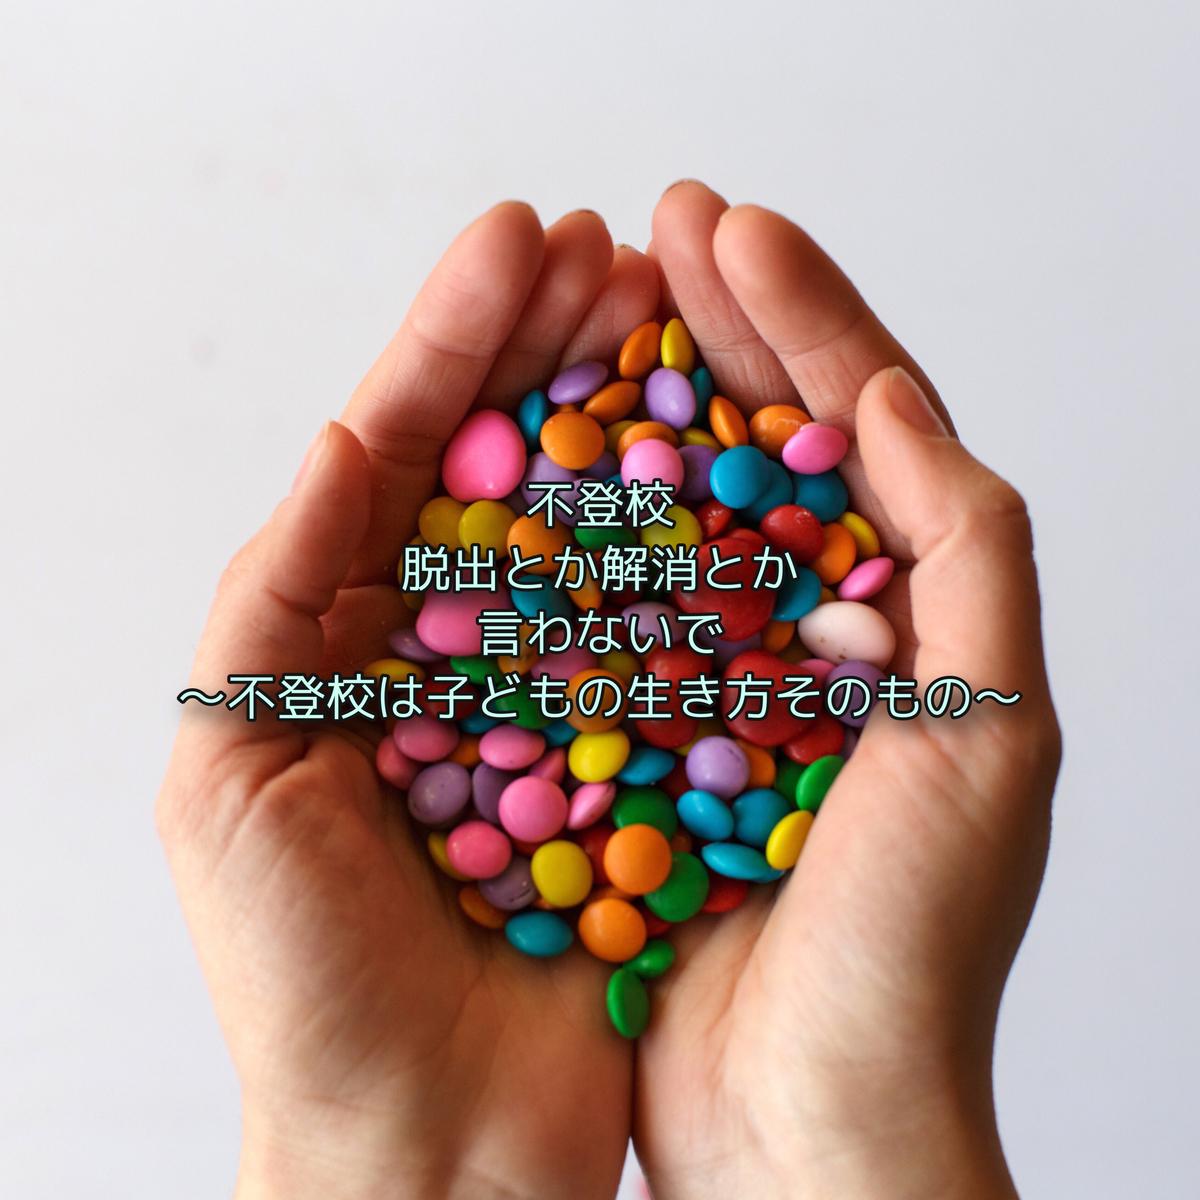 f:id:nanamiyuki:20210517112330j:plain